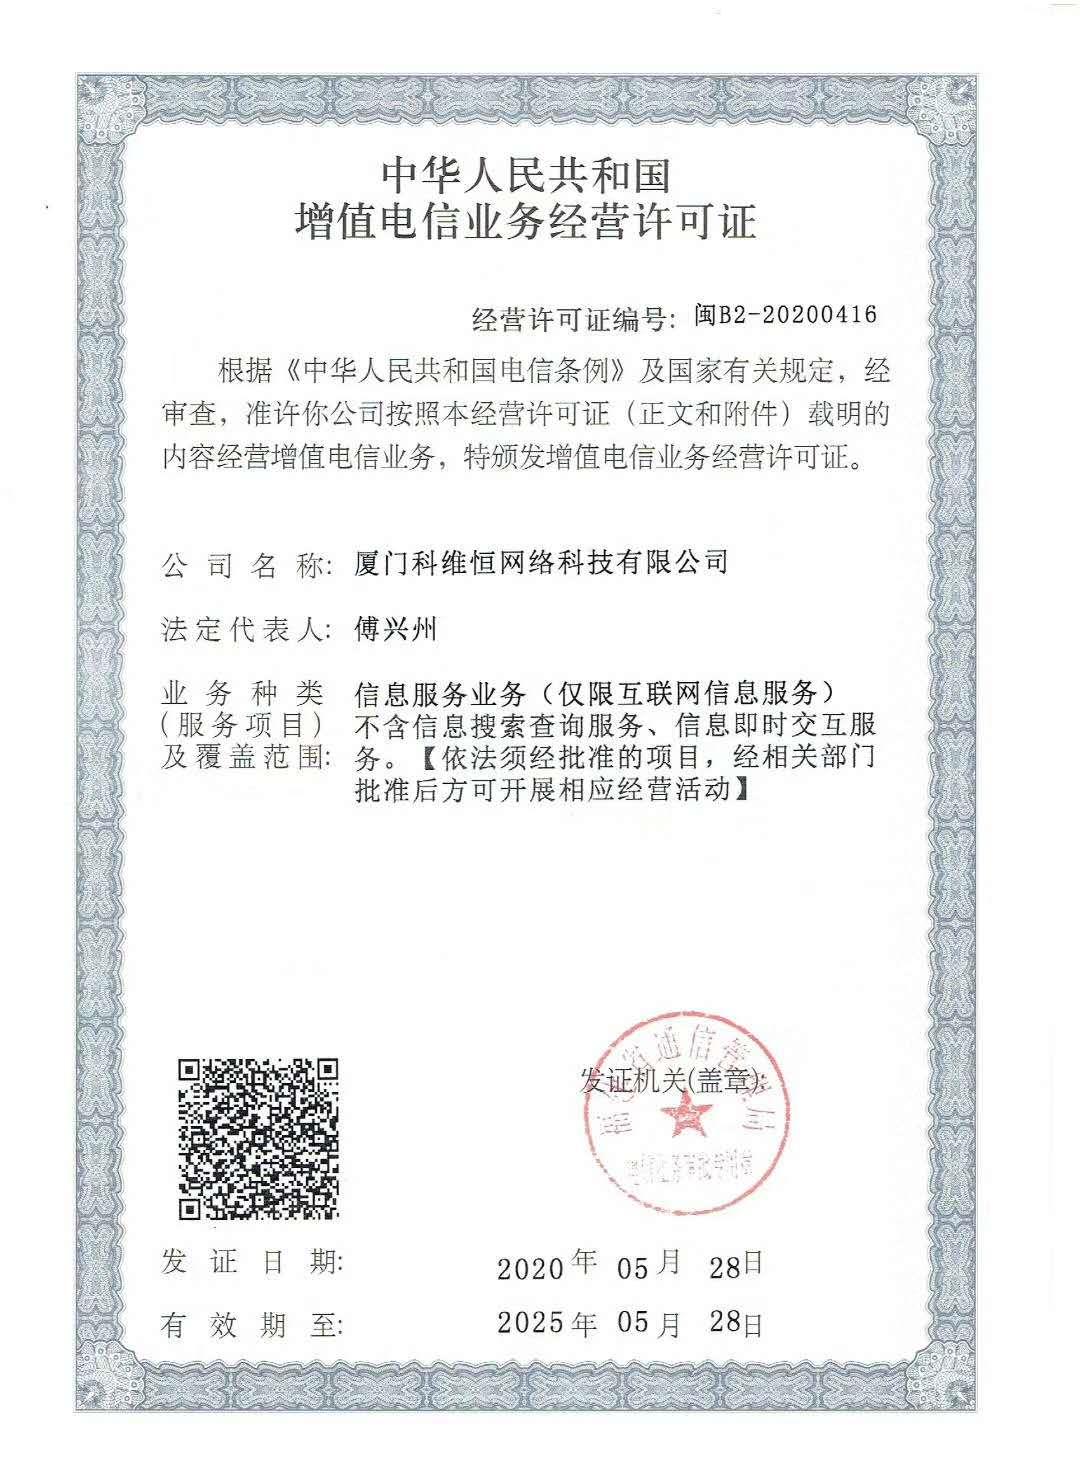 科维恒网络增值电信业务经营许可证.jpg